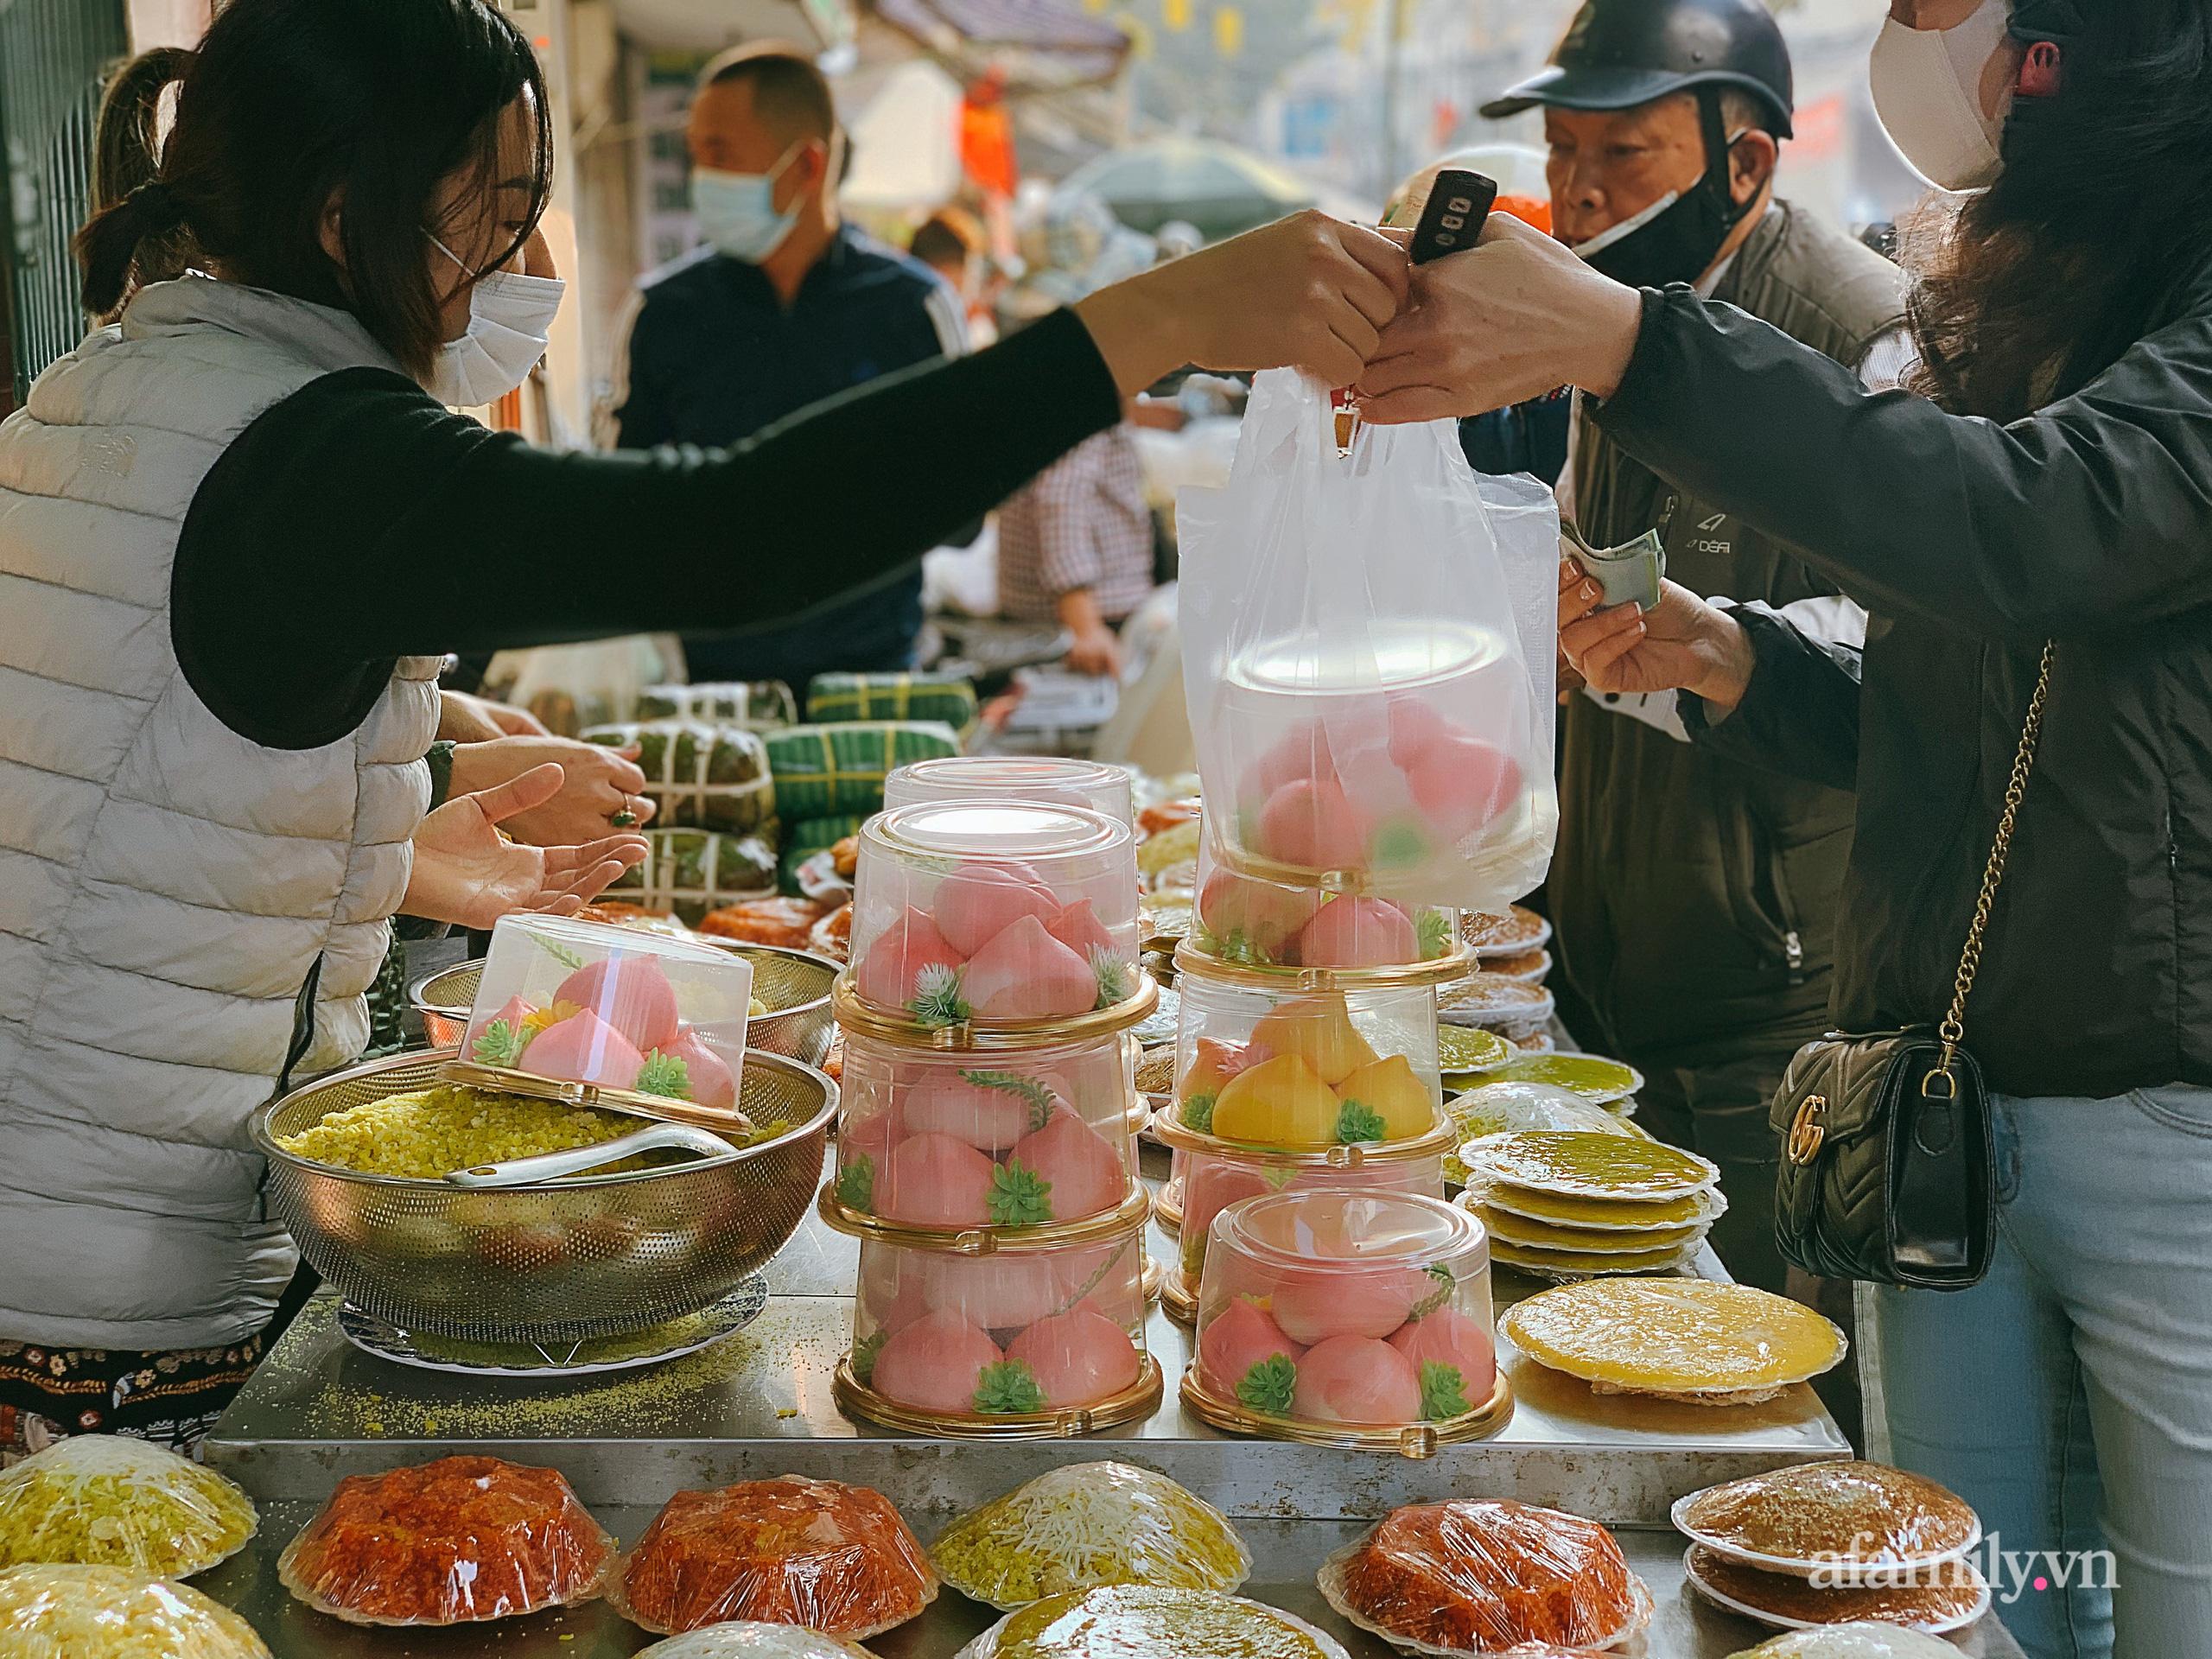 """30 Tết: Chợ Hàng Bè thất thủ, 1 triệu đồng/con gà bày mâm cỗ mà khách vẫn phải xếp hàng chờ """"dài cổ"""" - Ảnh 18."""